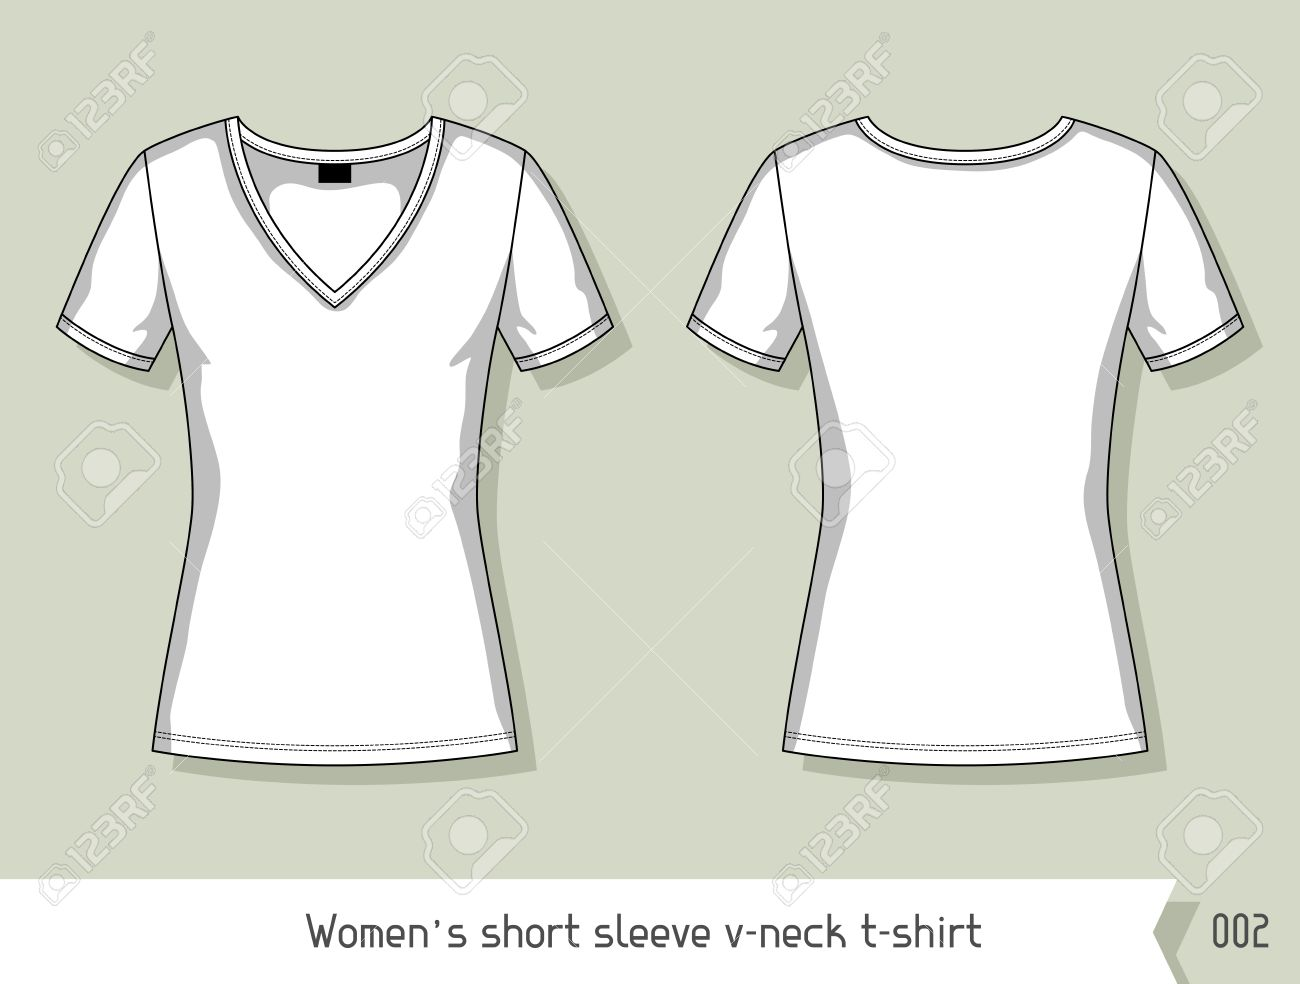 Frauen Kurze Ärmel V-Ausschnitt T-Shirt Vorlage Für Das Design ...